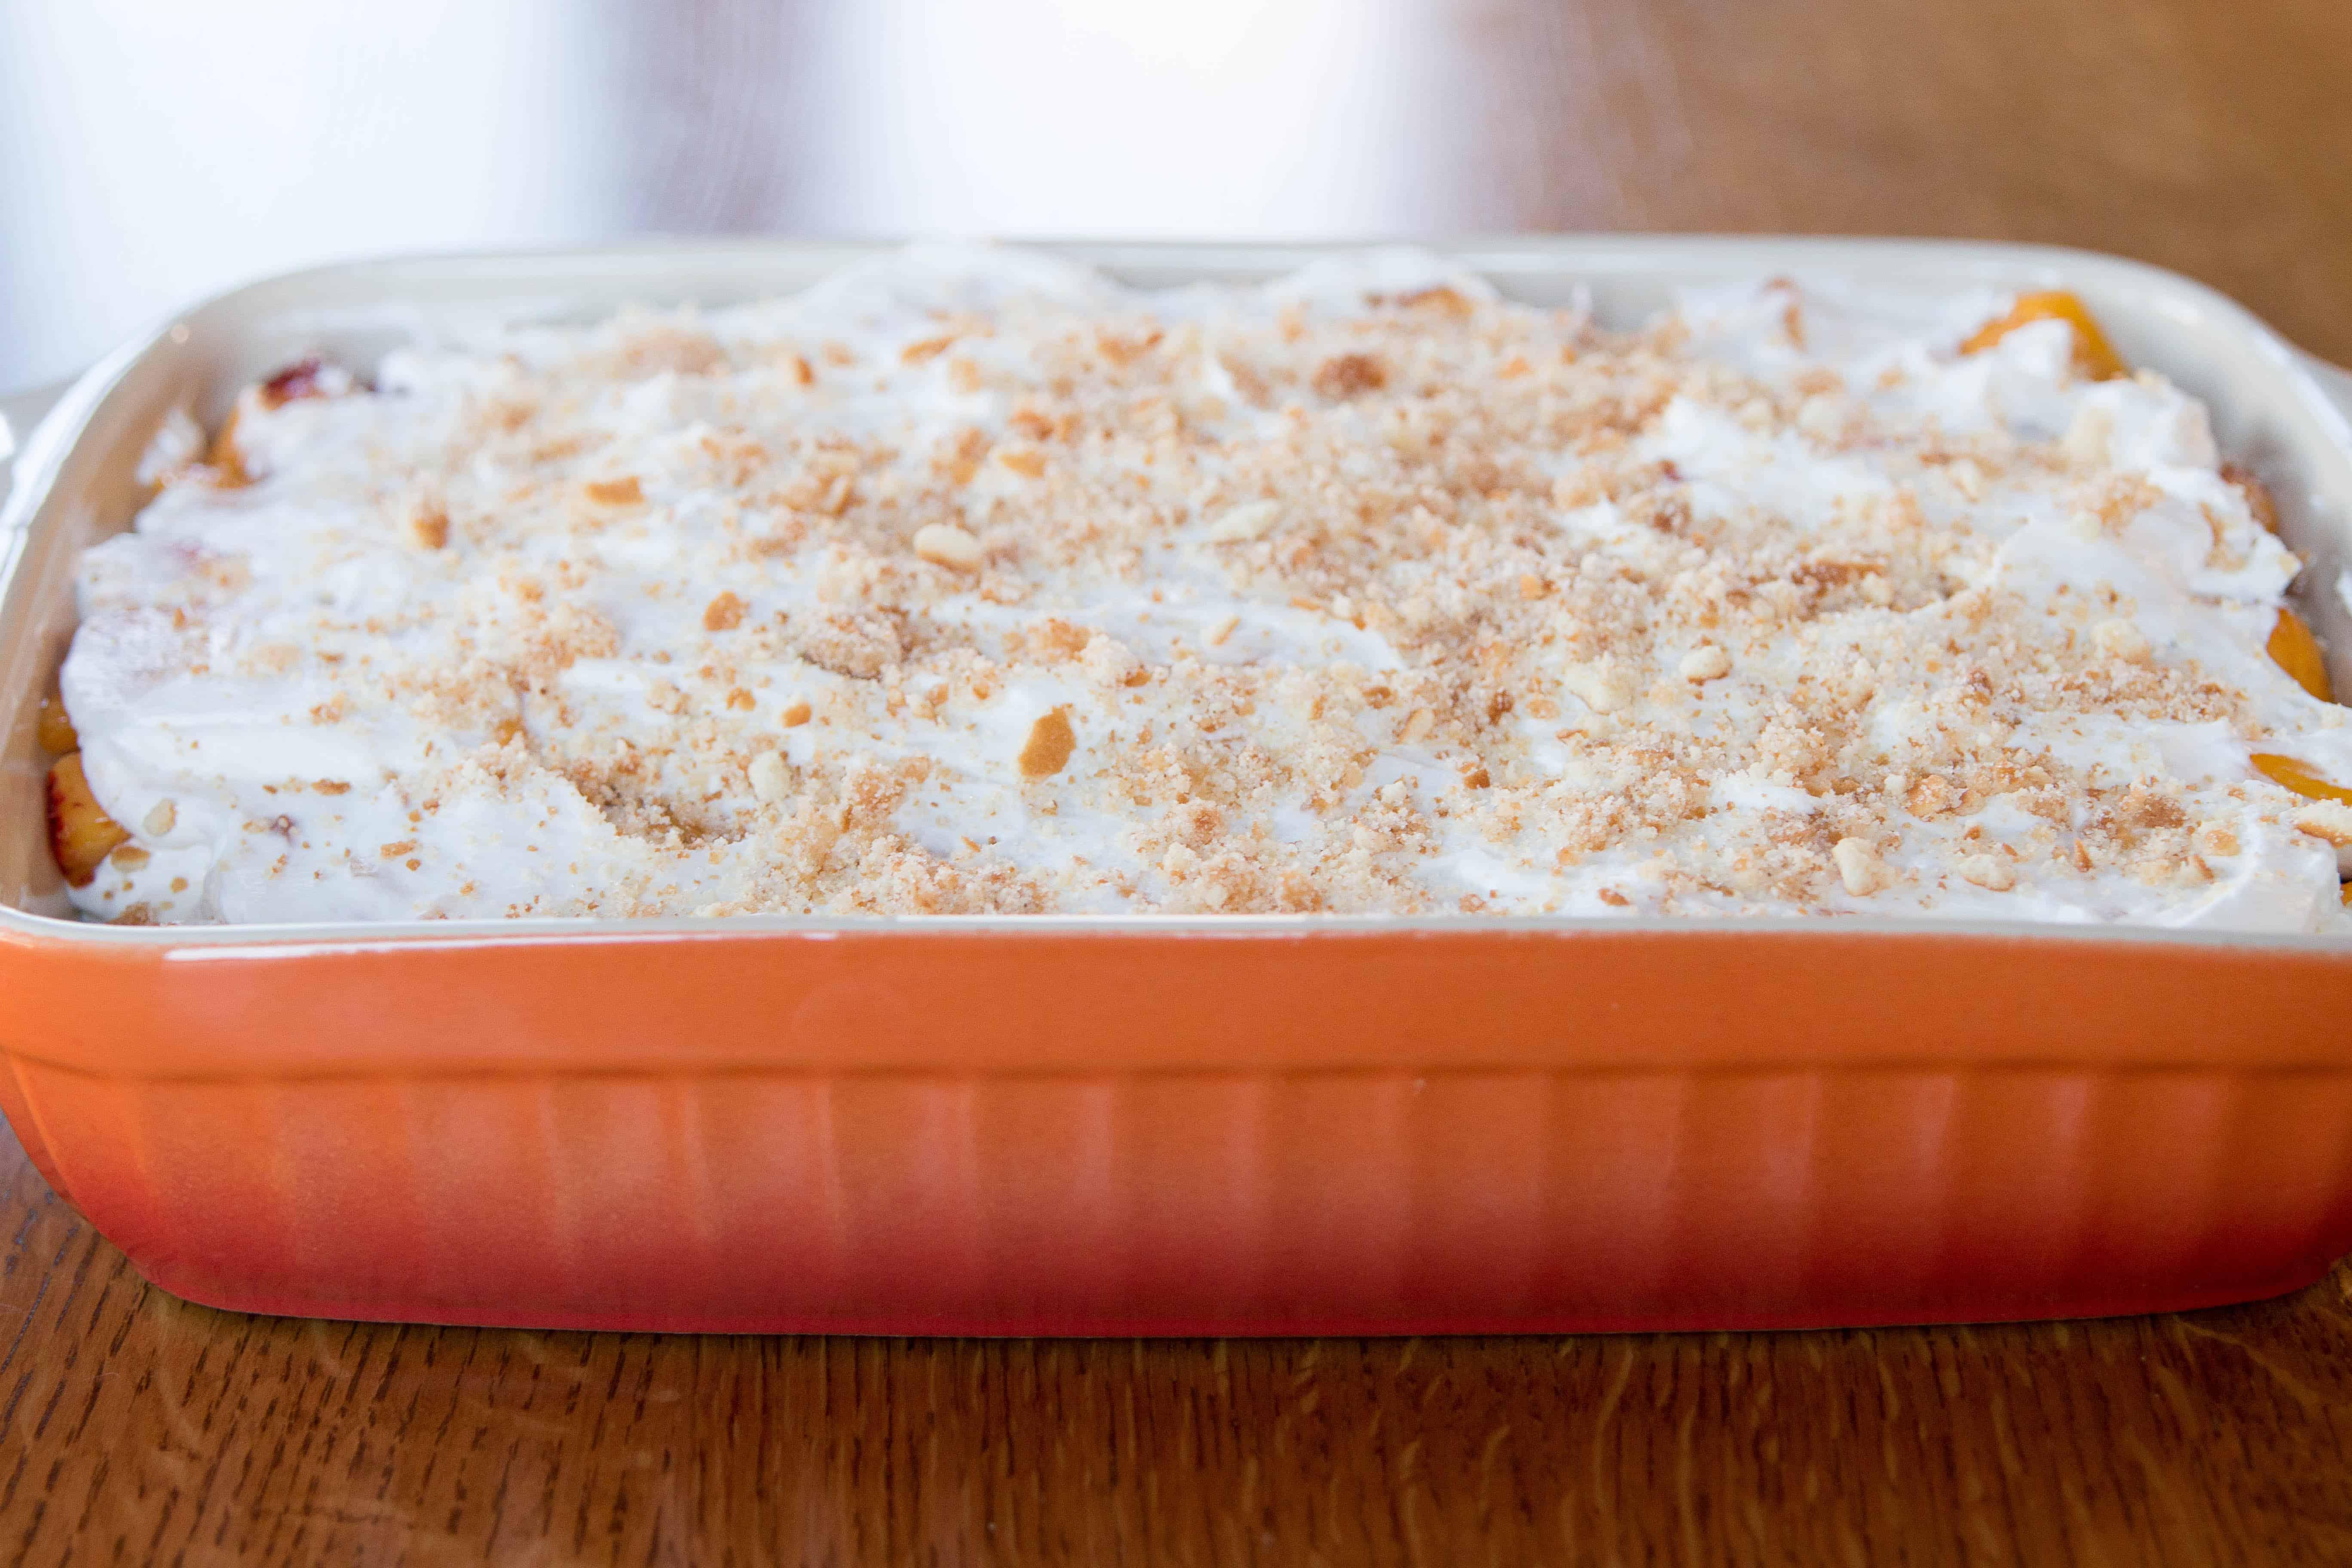 ff-peaches-and-cream-8178